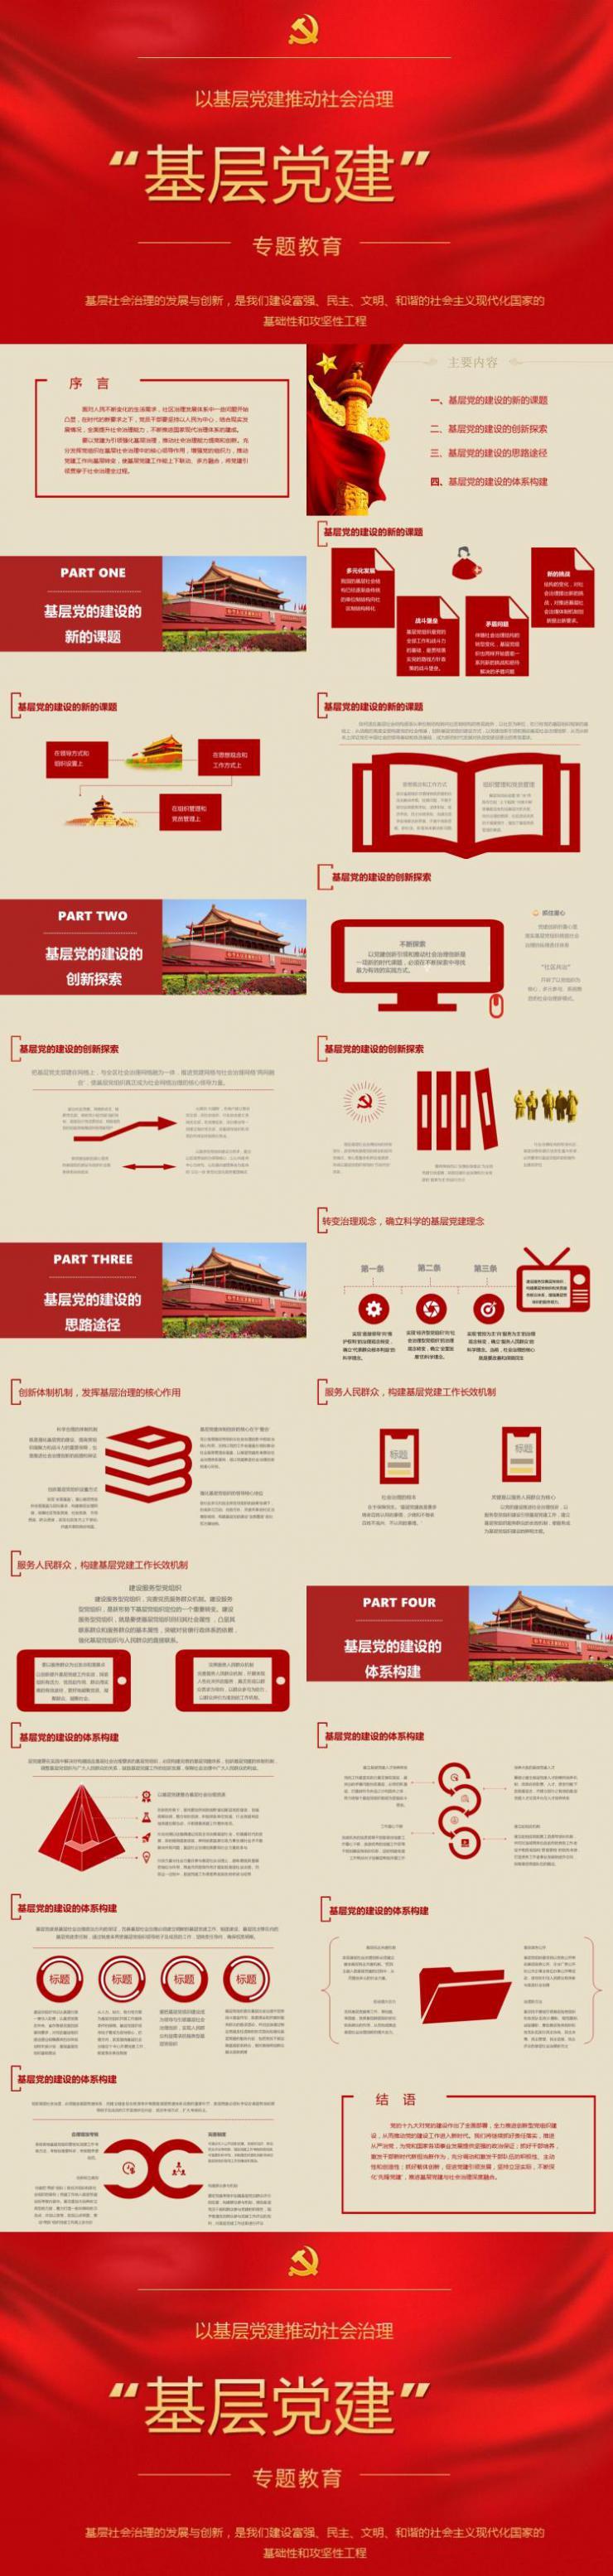 红色基层党建创新政府PPT模版